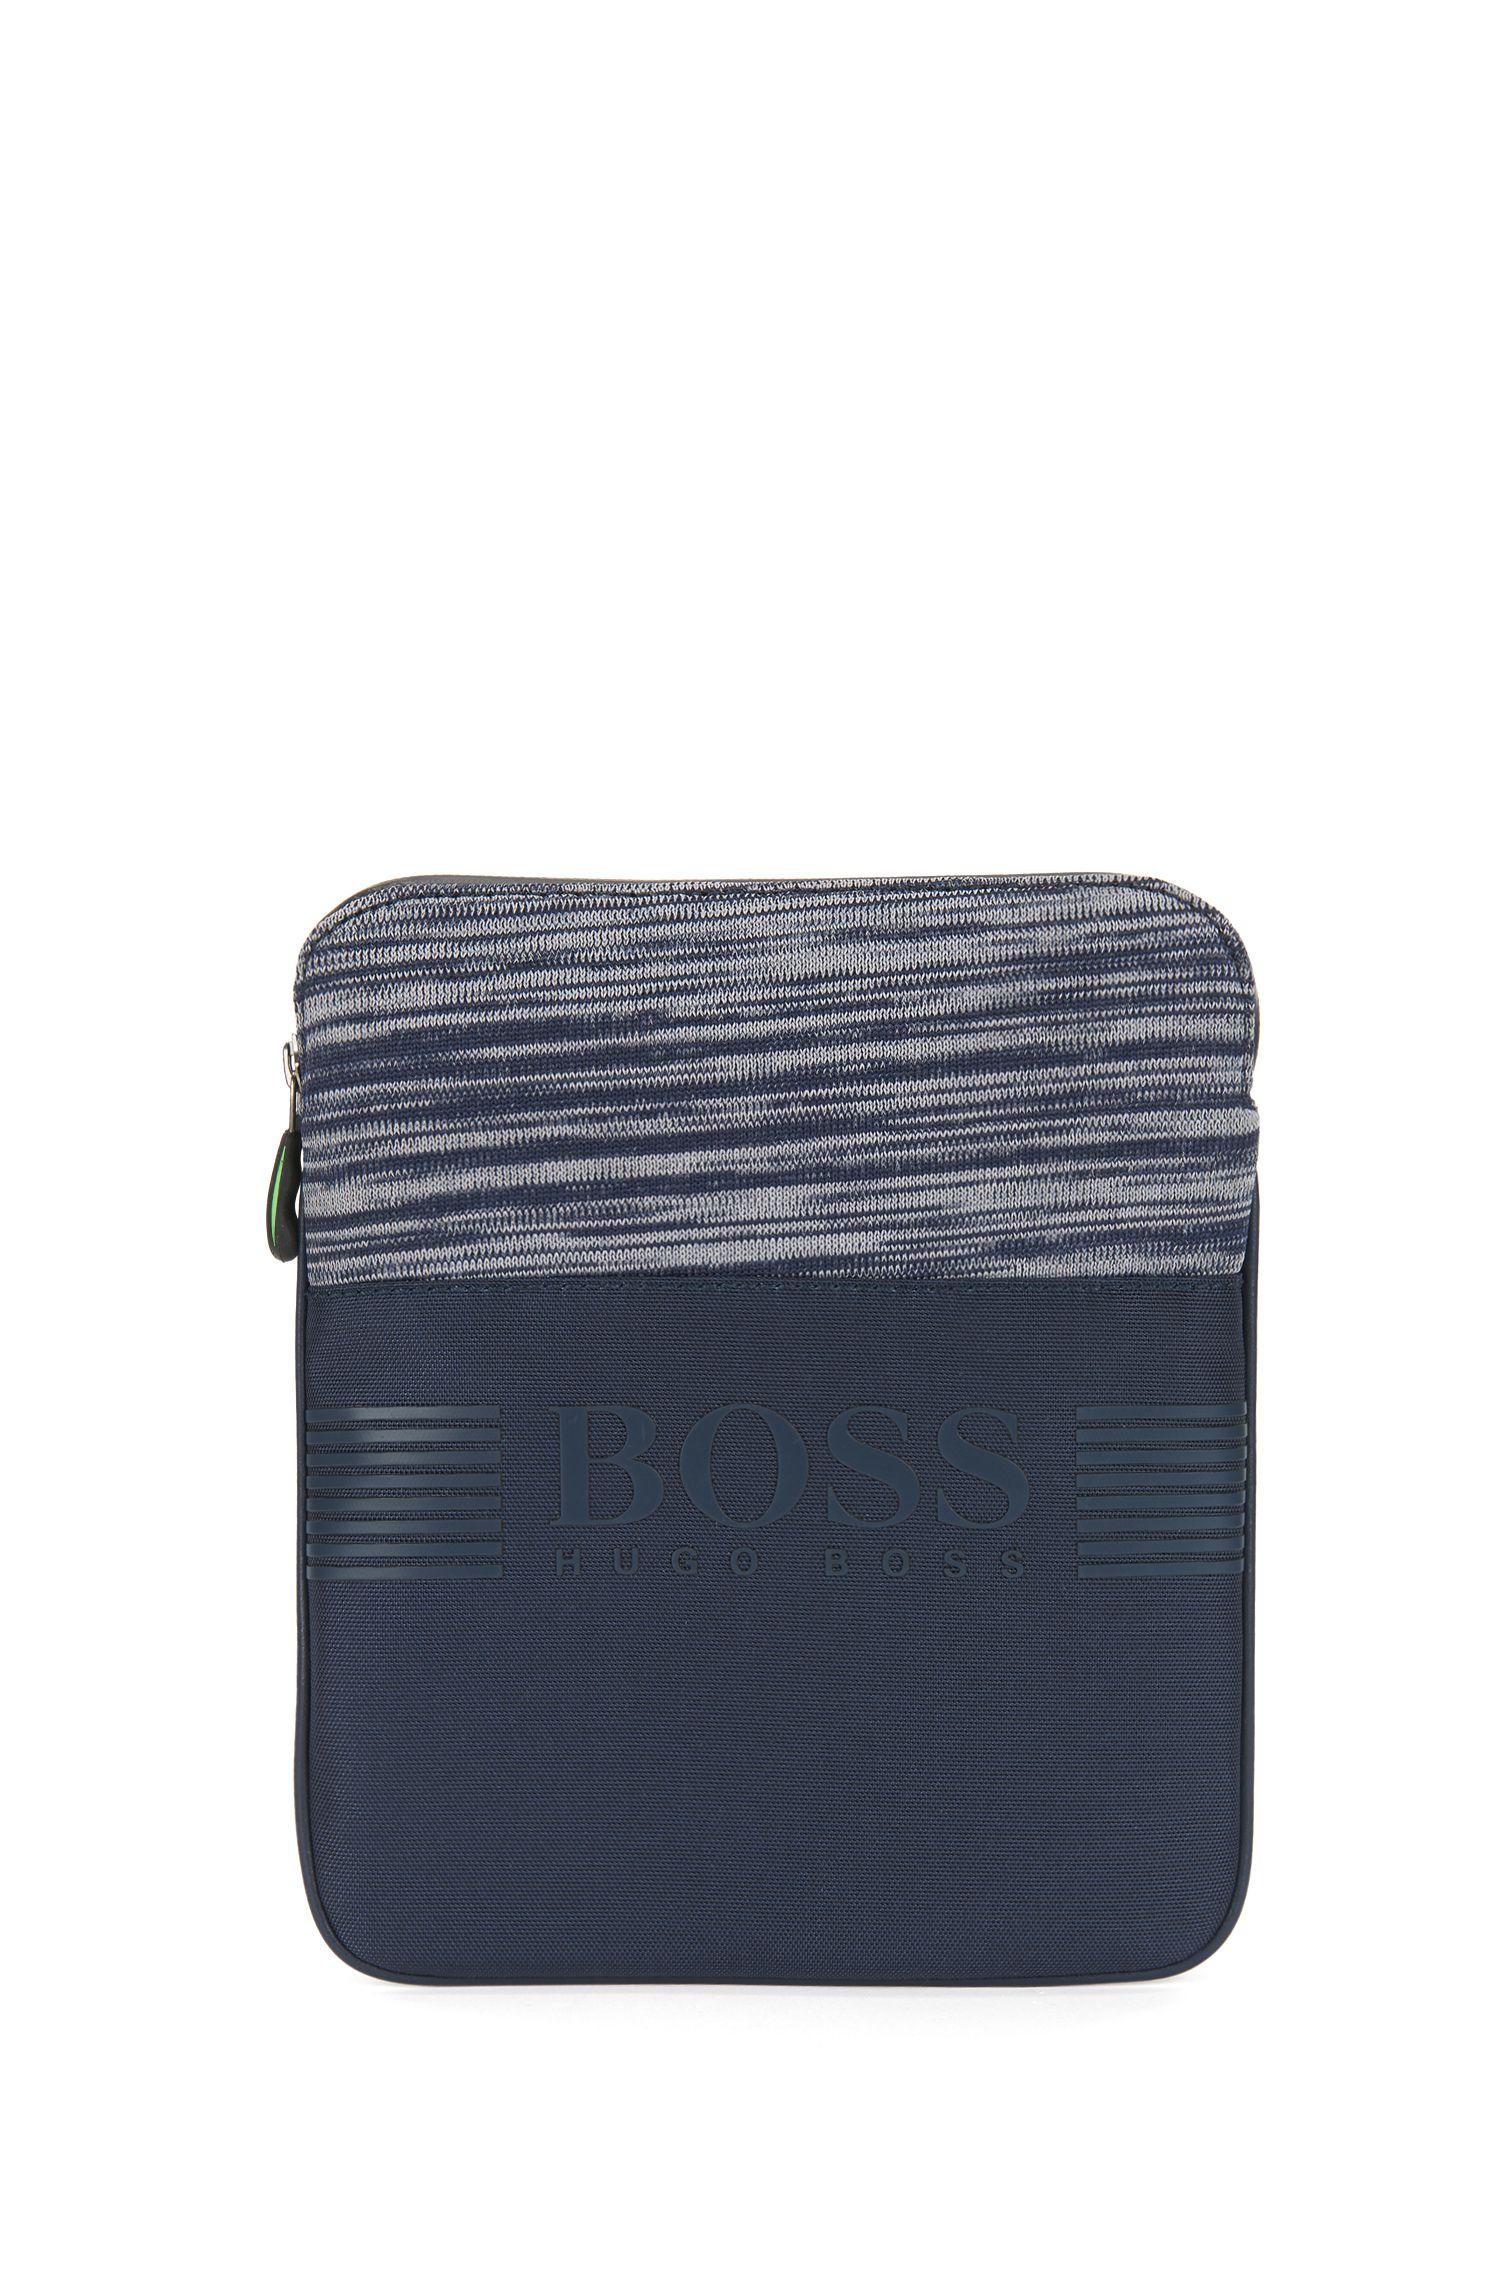 Bolso de estilo sobre en nylon con panel jaspeado tejido